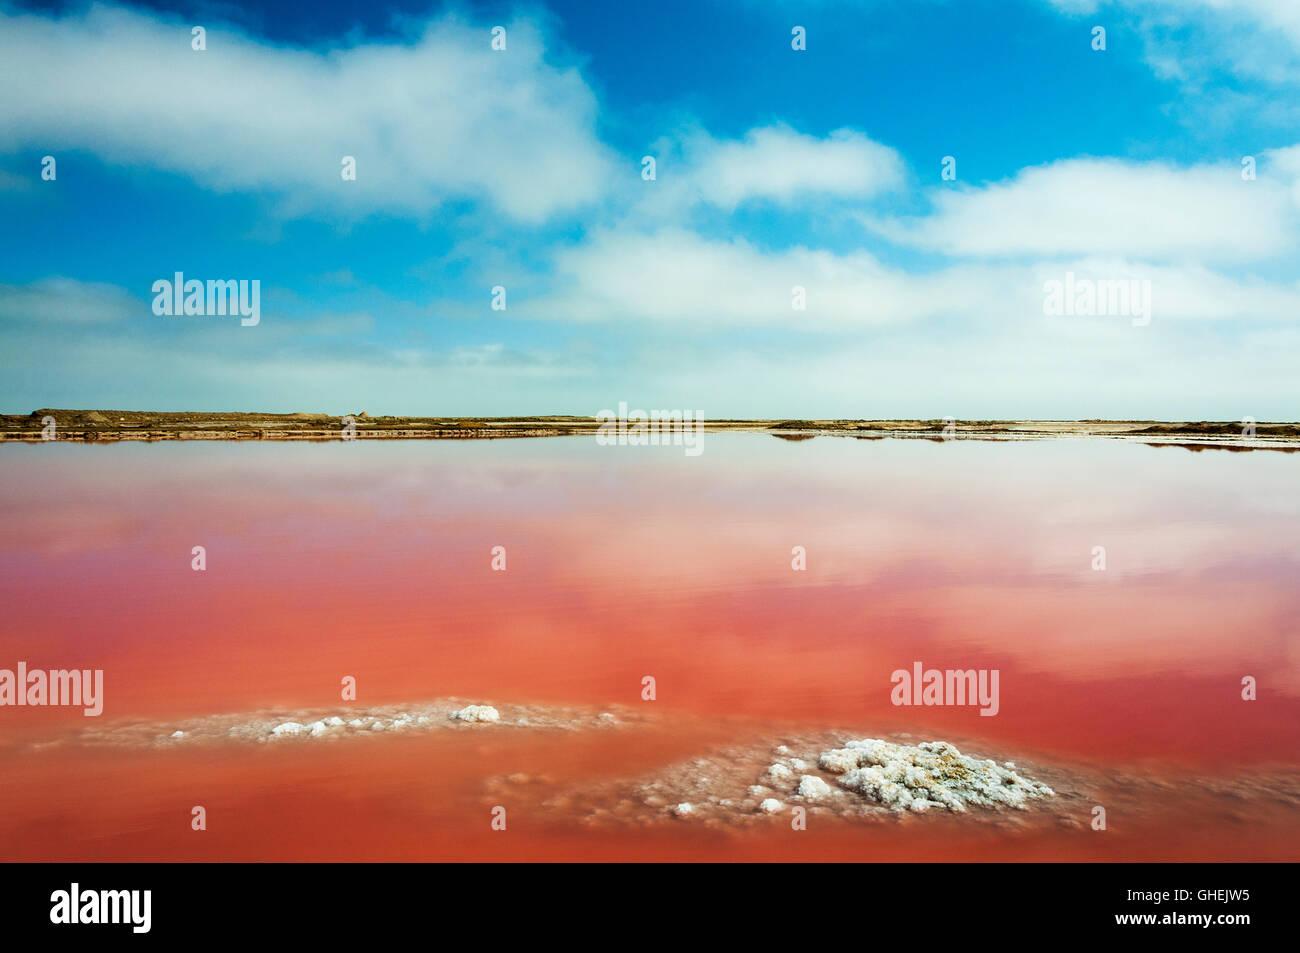 Einem roten Salzsee in der Nähe von Walvis Bay in Namibia, Afrika Stockbild